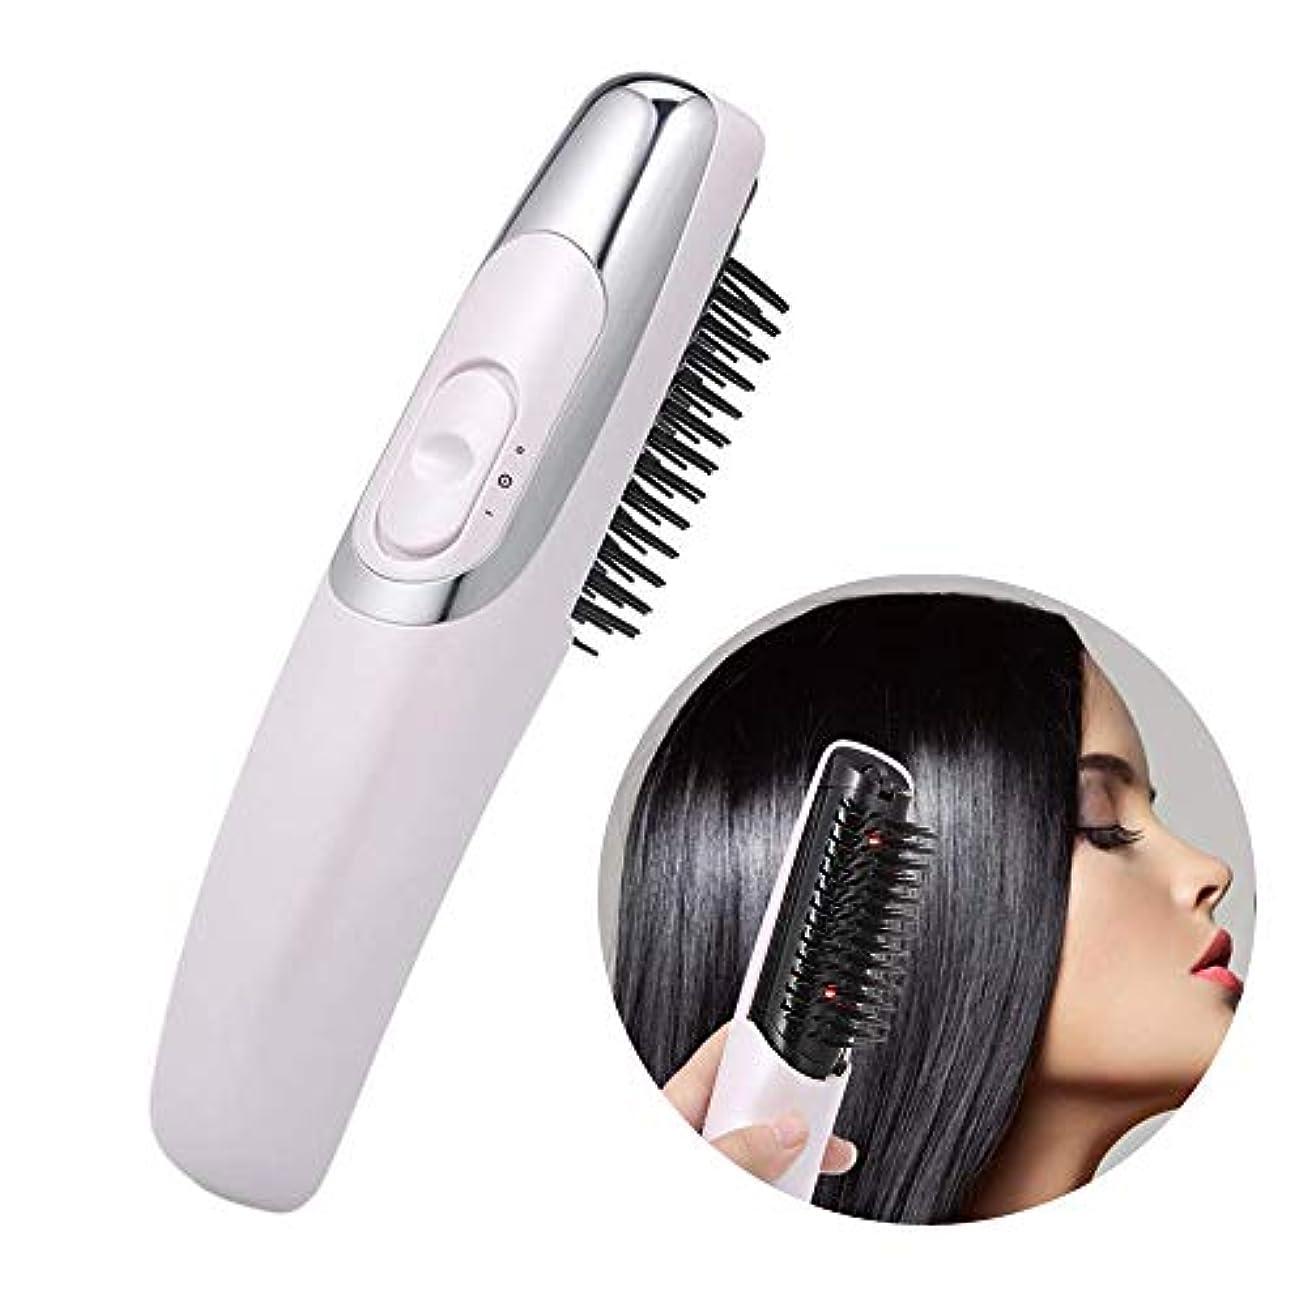 あご花輪中毒電気レーザーマッサージコーム2-IN-1頭皮マッサージヘッド髪の成長のための電気マッサージャー頭用頭皮マッサージブラシ(マッサージャー&赤外線&振動療法)